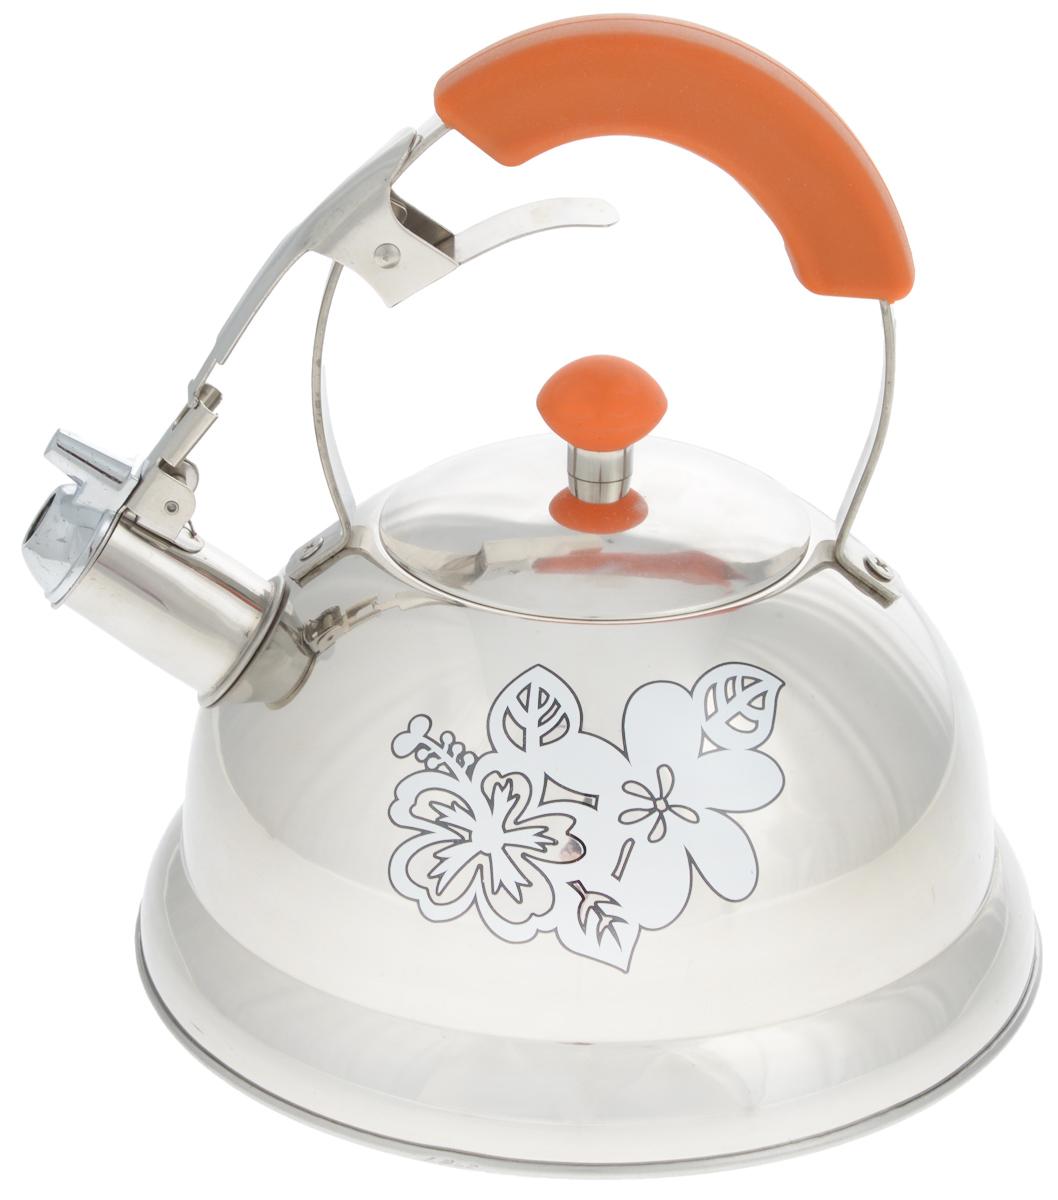 Чайник Mayer & Boch, со свистком, 2,6 л22792Чайник Mayer & Boch выполнен из высококачественной нержавеющей стали. Носик чайника оснащен насадкой-свистком, что позволит вам контролировать процесс подогрева или кипячения воды. Металлическая ручка с бакелитовой вставкой делает использование чайника очень удобным и безопасным. Внешние стенки чайника декорированы изображением цветов. Эстетичный и функциональный чайник будет оригинально смотреться в любом интерьере. Подходит для газовых, электрических, стеклокерамических и индукционных плит. Можно мыть в посудомоечной машине. Диаметр чайника (по верхнему краю): 10 см. Диаметр основания: 22 см. Высота чайника (без учета ручки): 11,5 см. Высота чайника (с учетом ручки): 24,5 см.